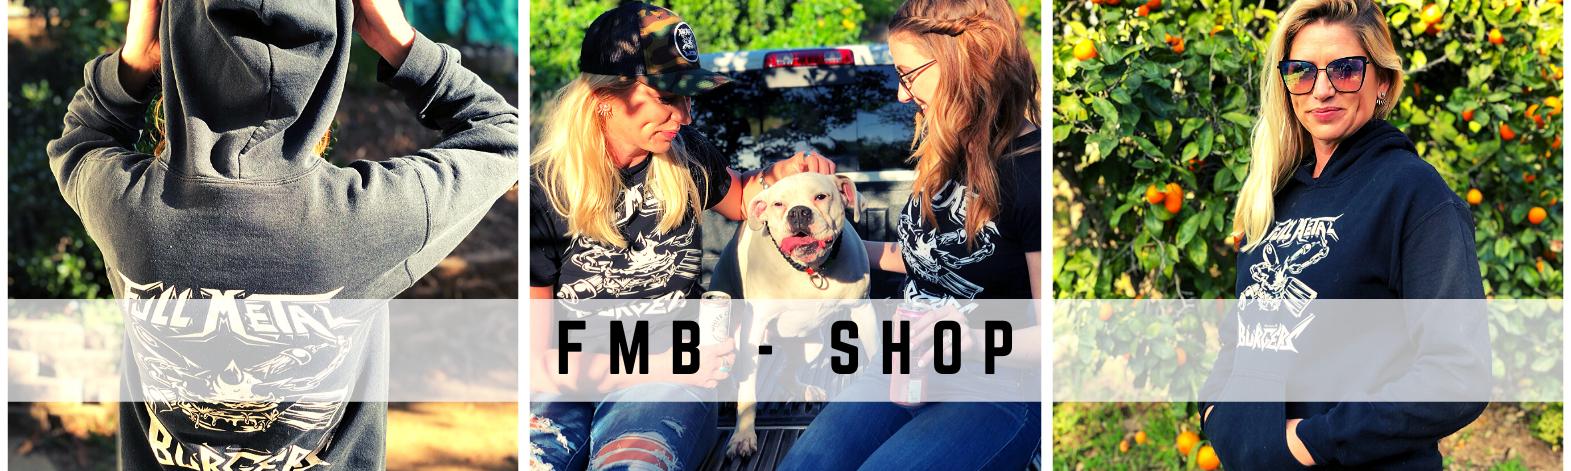 FMB _ SHOP.png